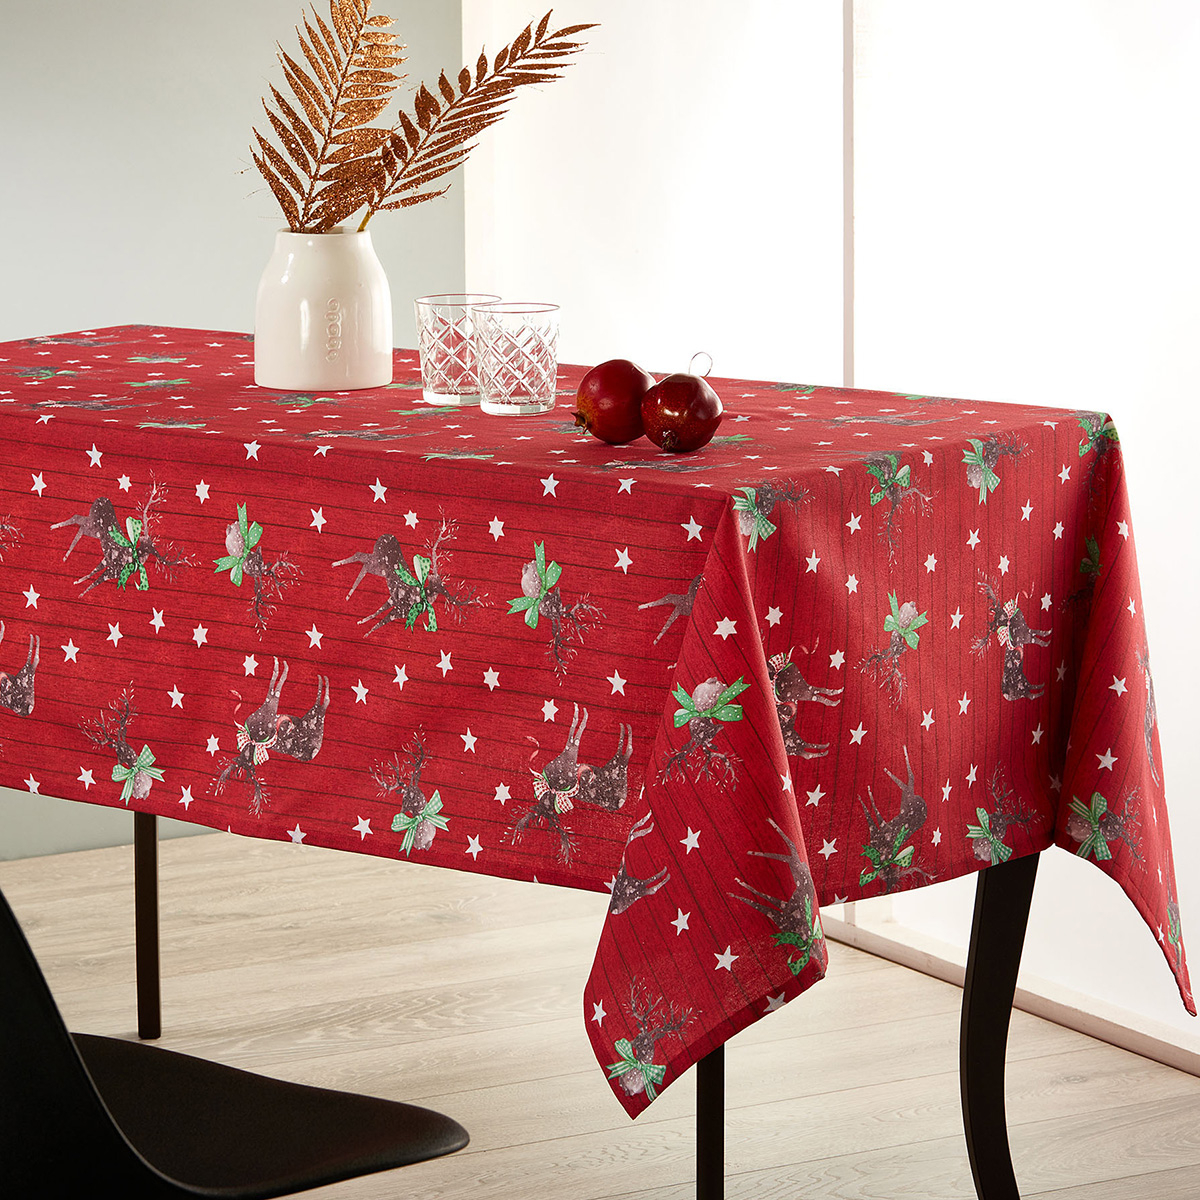 Χριστουγεννιάτικο Τραπεζομάντηλο (140×220) Whitegg Lon10